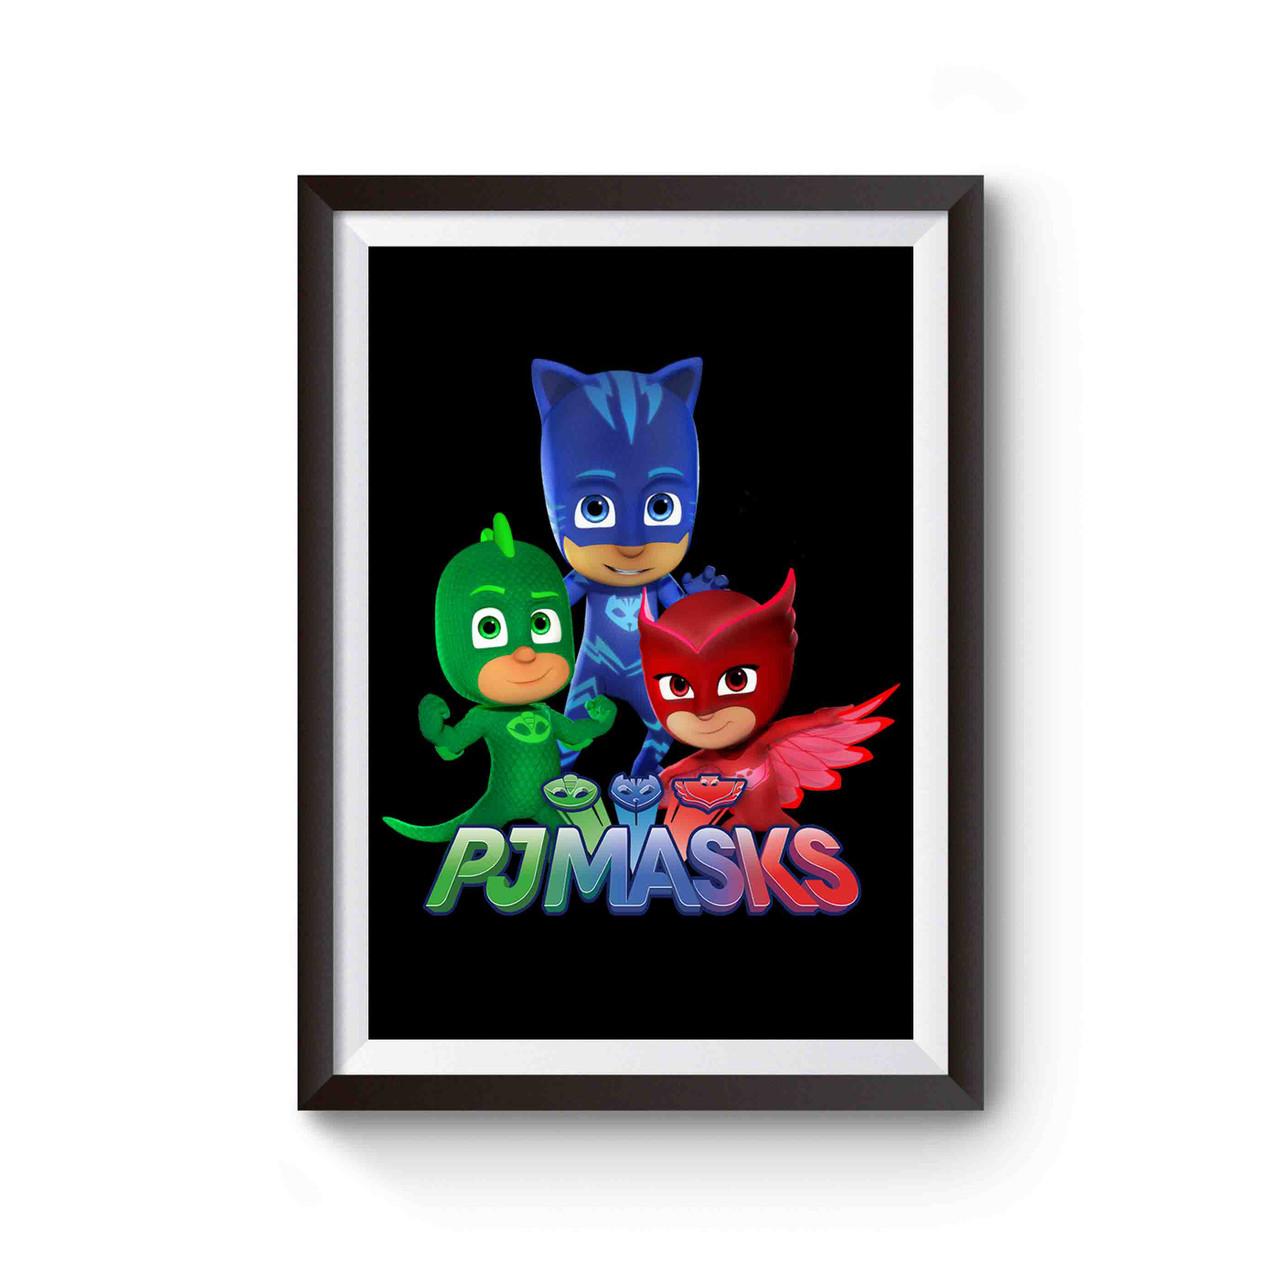 pj masks games funny poster